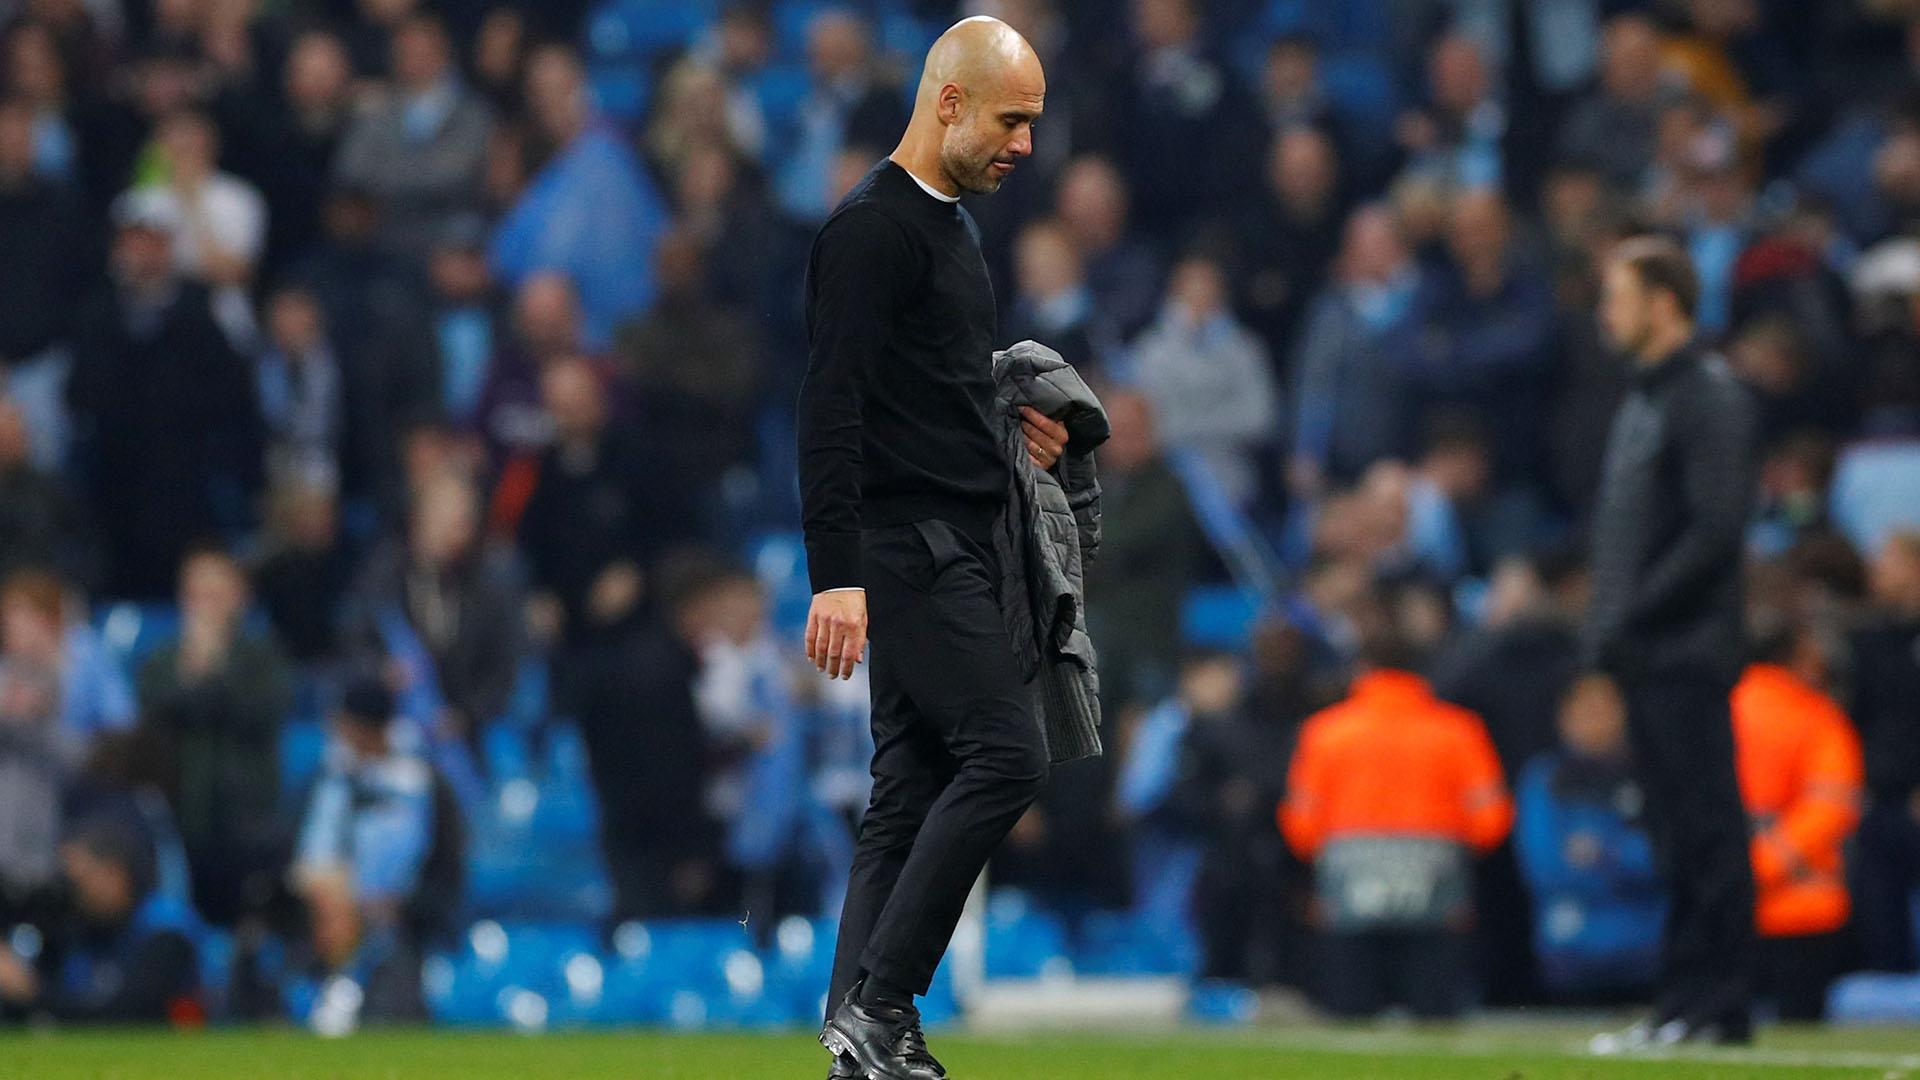 El Manchester City podría quedarse afuera de la UEFA Champions League si la UEFA considera que infringió las reglas financieras(REUTERS/Phil Noble)